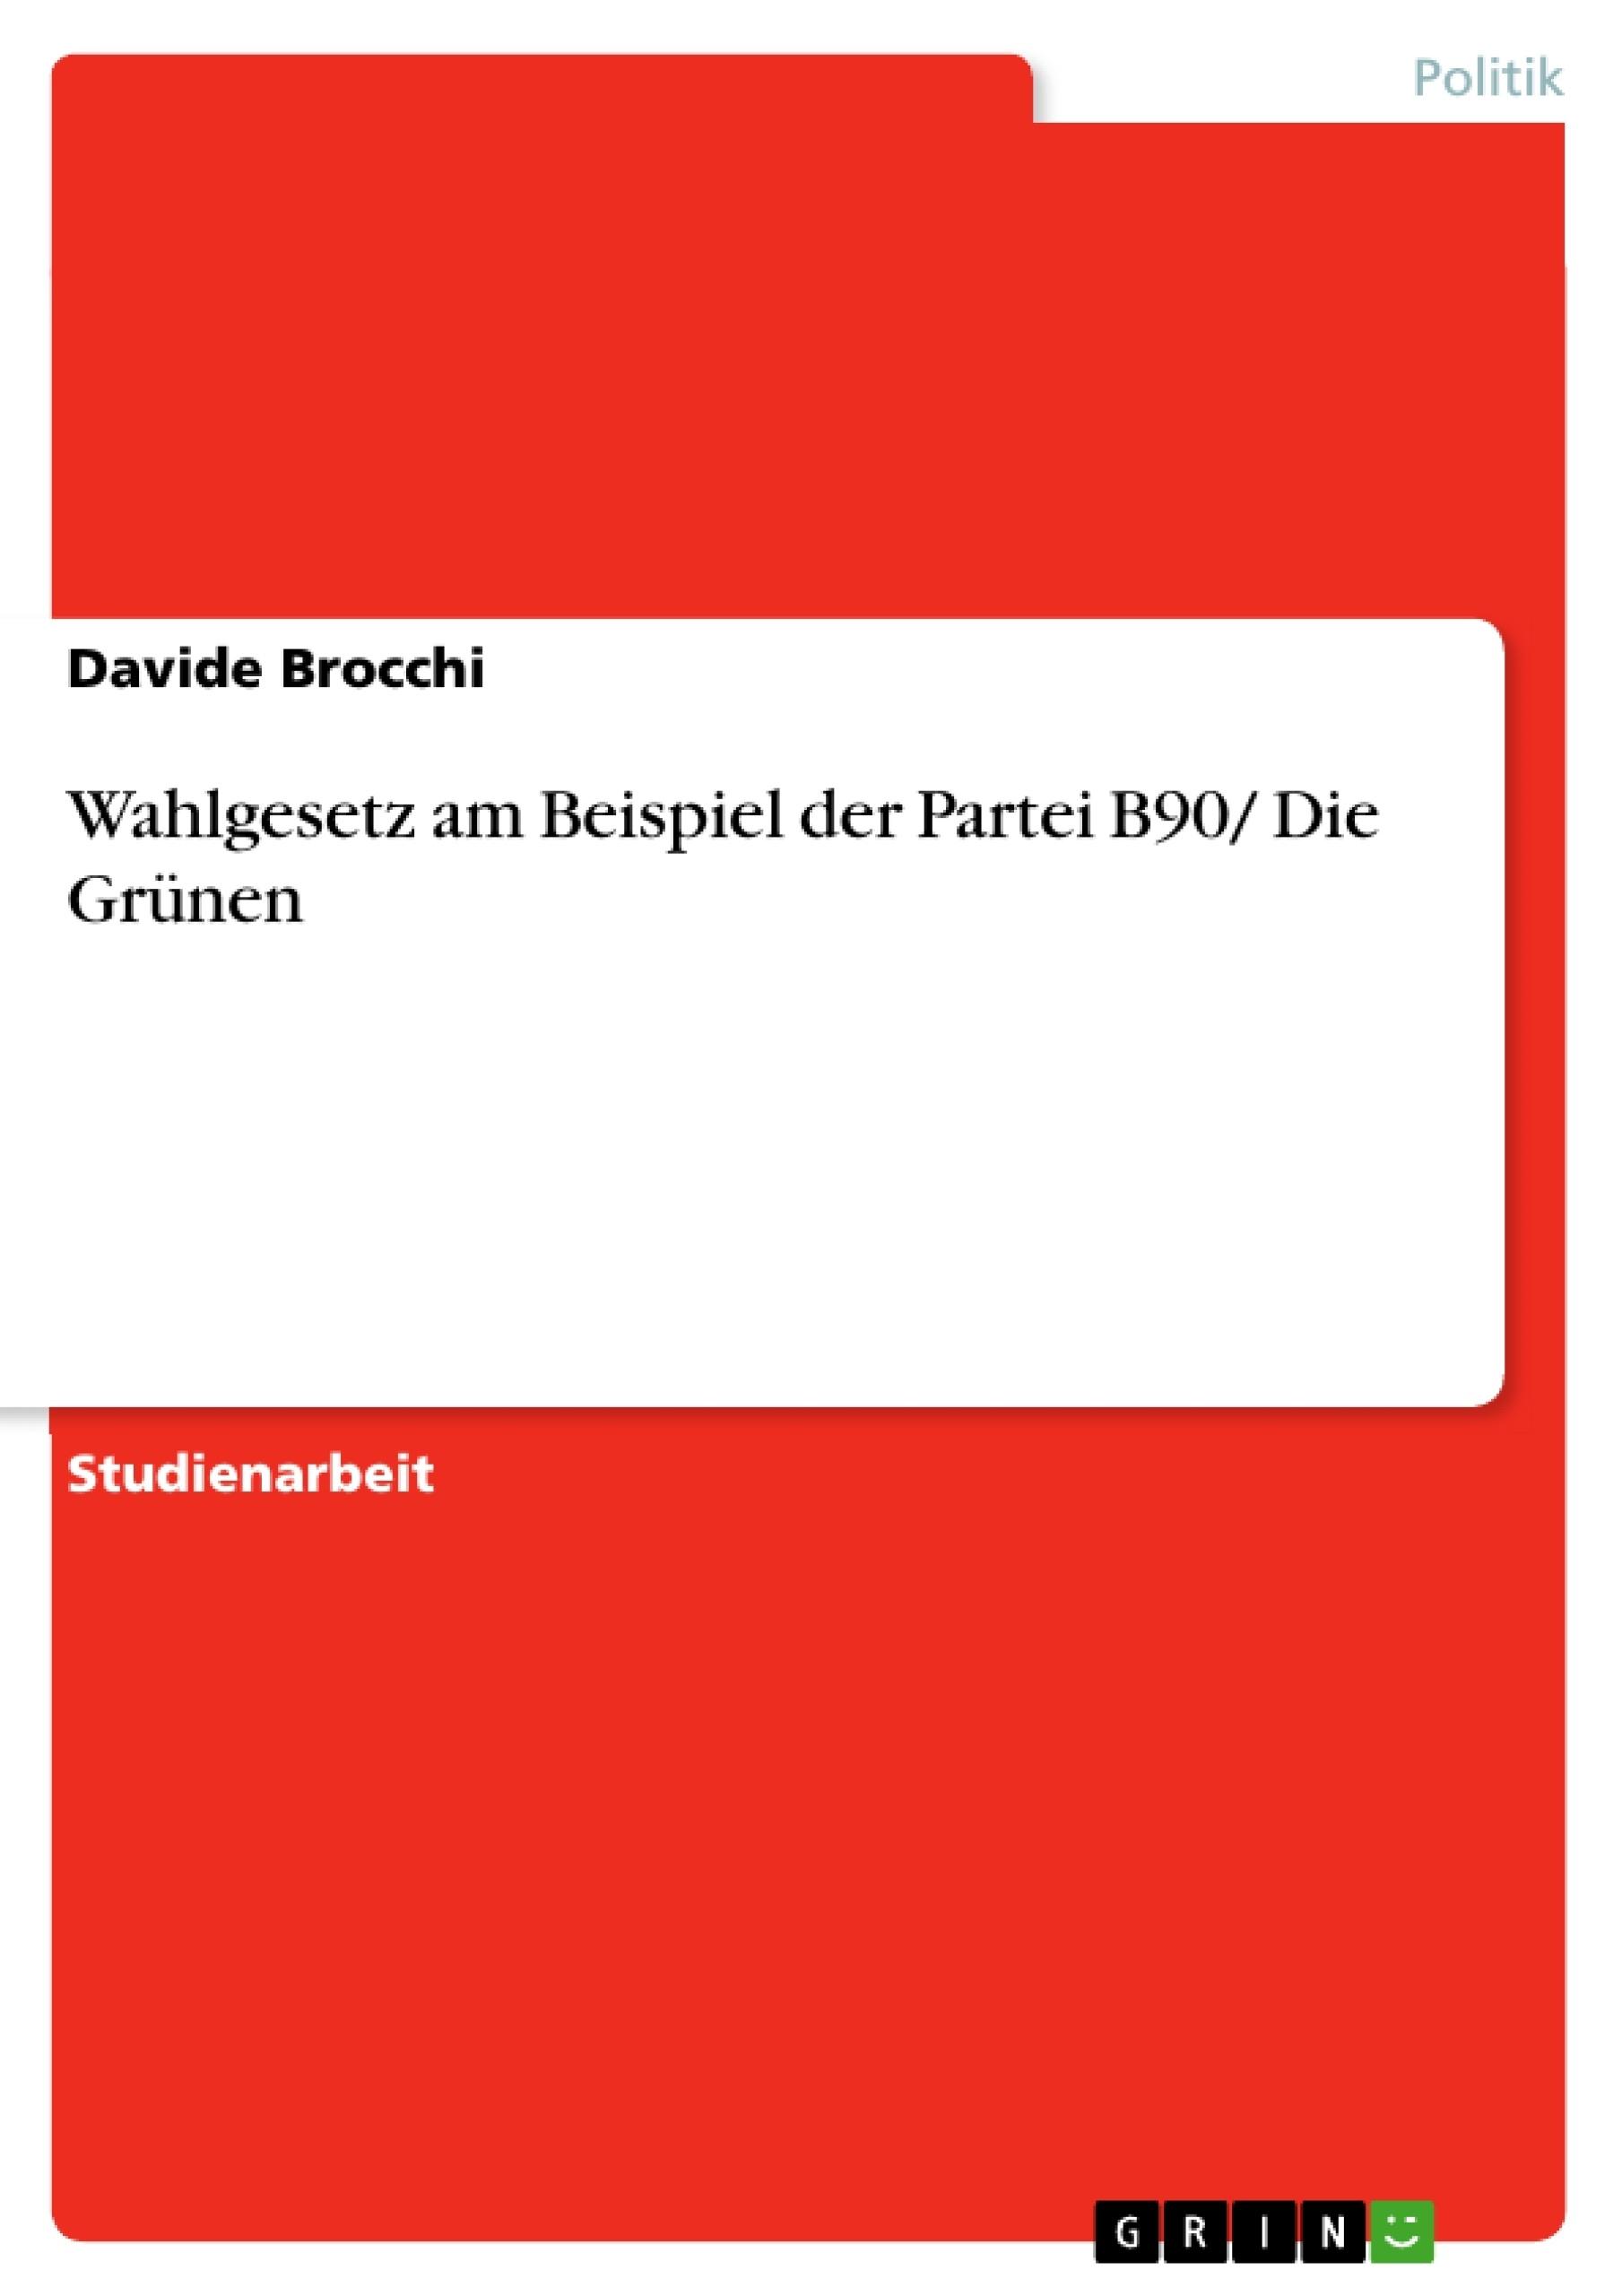 Titel: Wahlgesetz am Beispiel der Partei B90/ Die Grünen